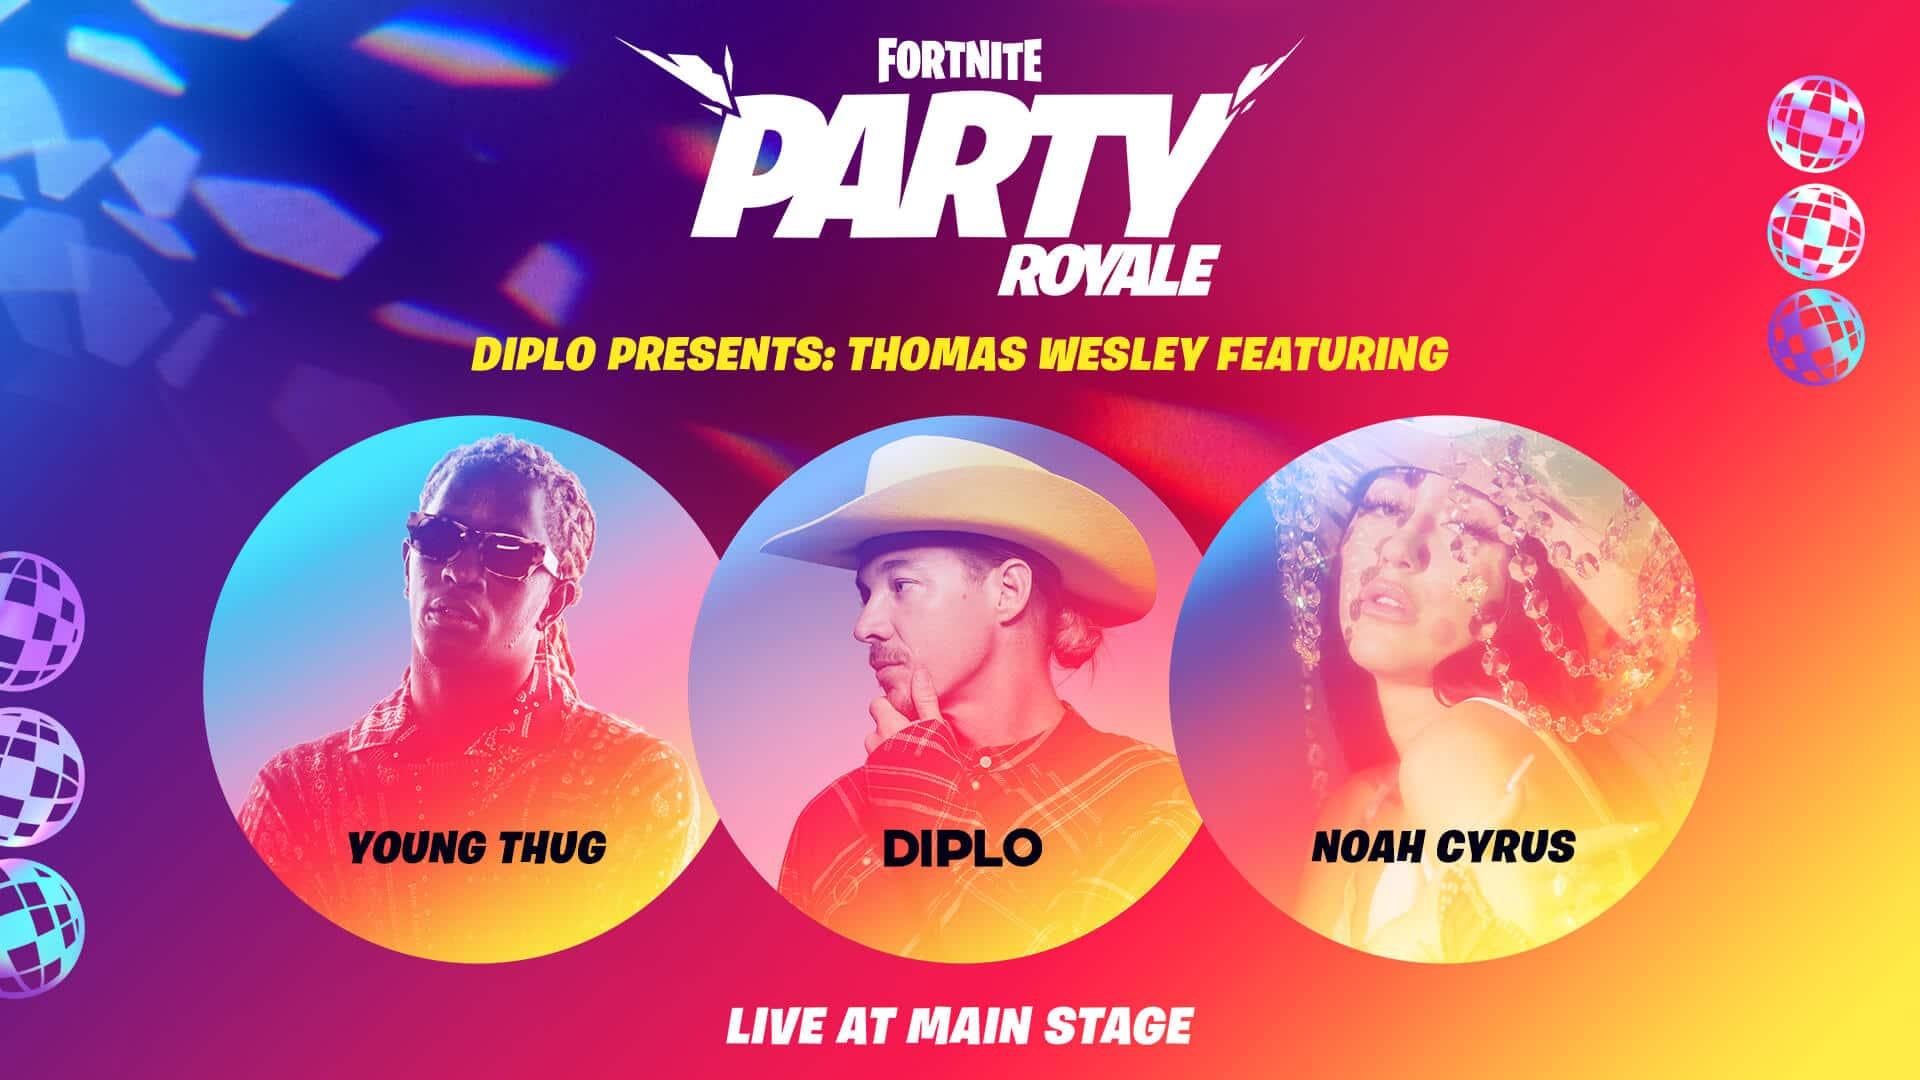 Fortnite Diplo: Thomas Wesley Premiere